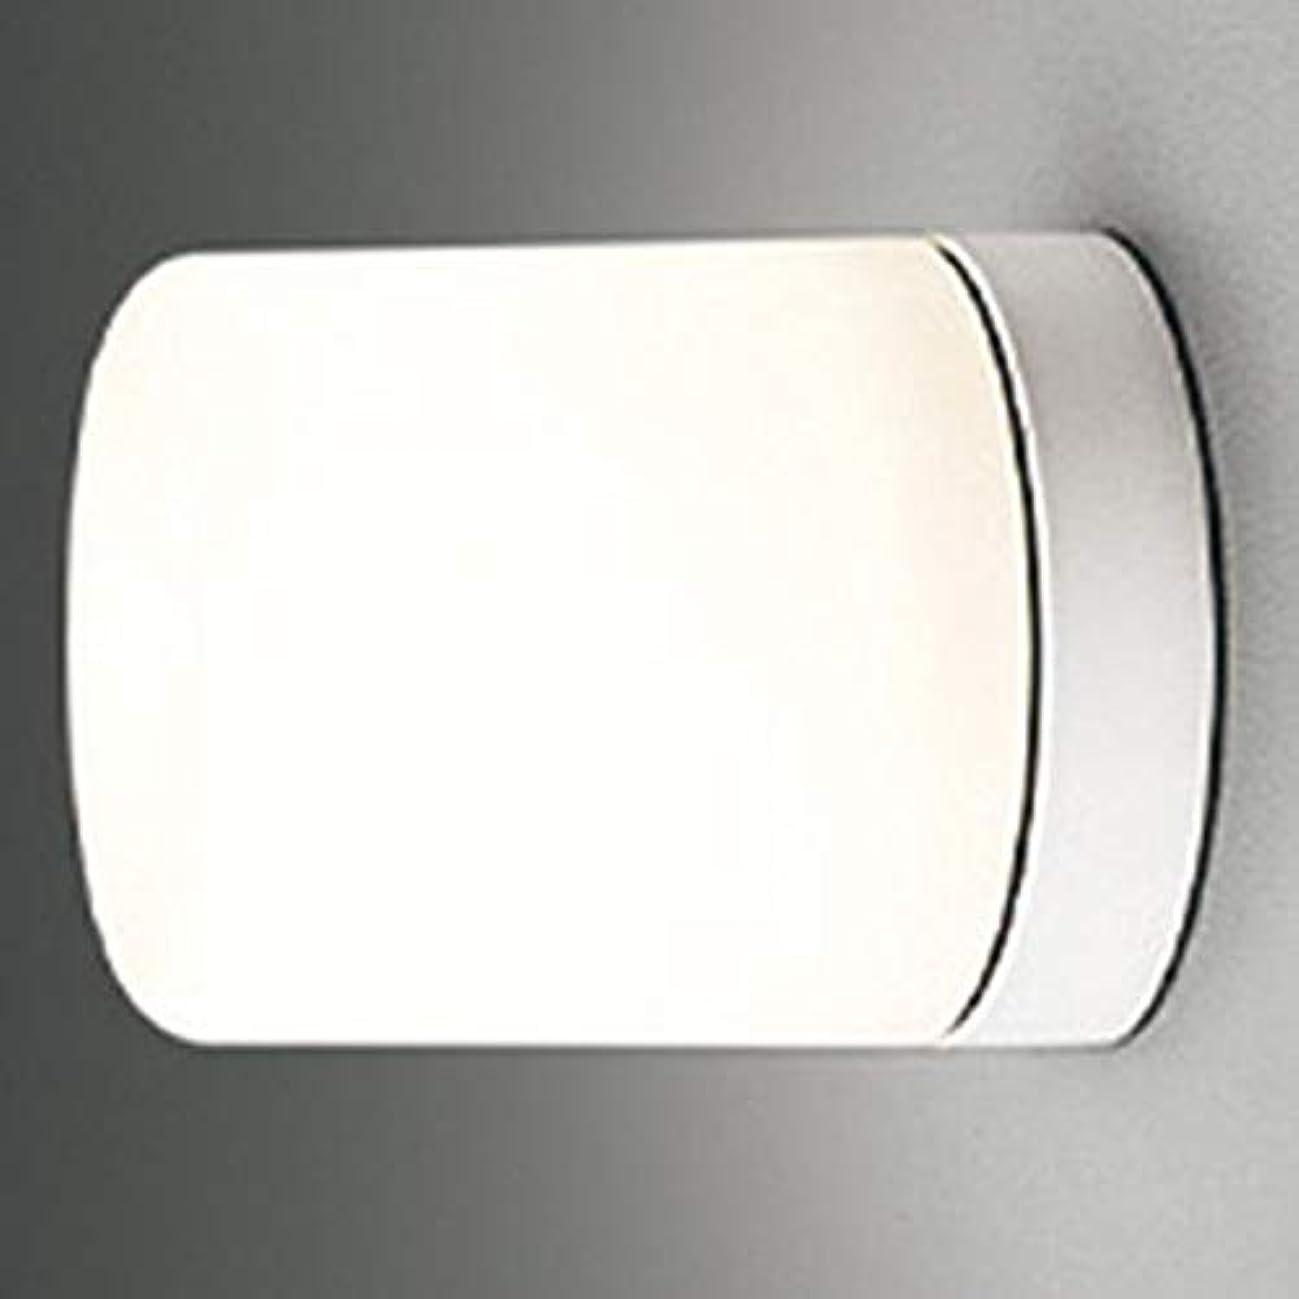 掘るしなやか過敏な東芝ライテック LEDブラケット/シーリングライト 一般住宅 浴室灯 ミニクリプトン形 φ140 ランプ別売